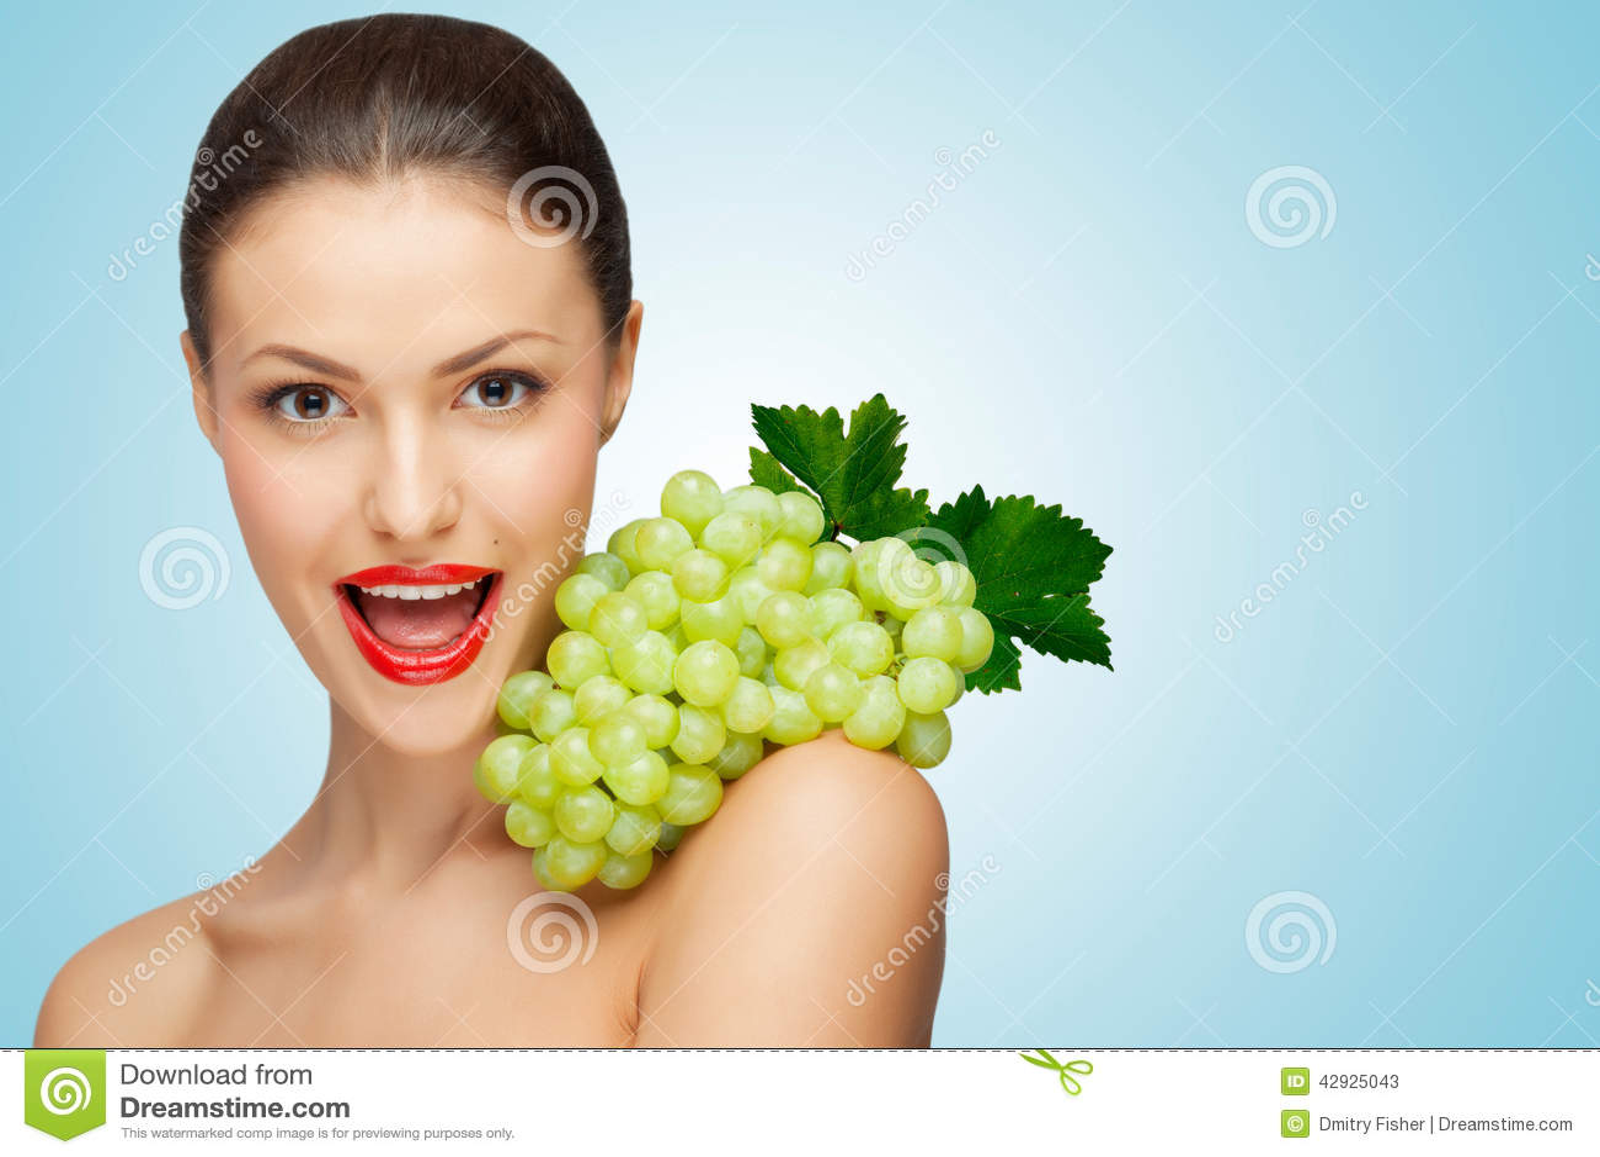 Seksowne winorośle